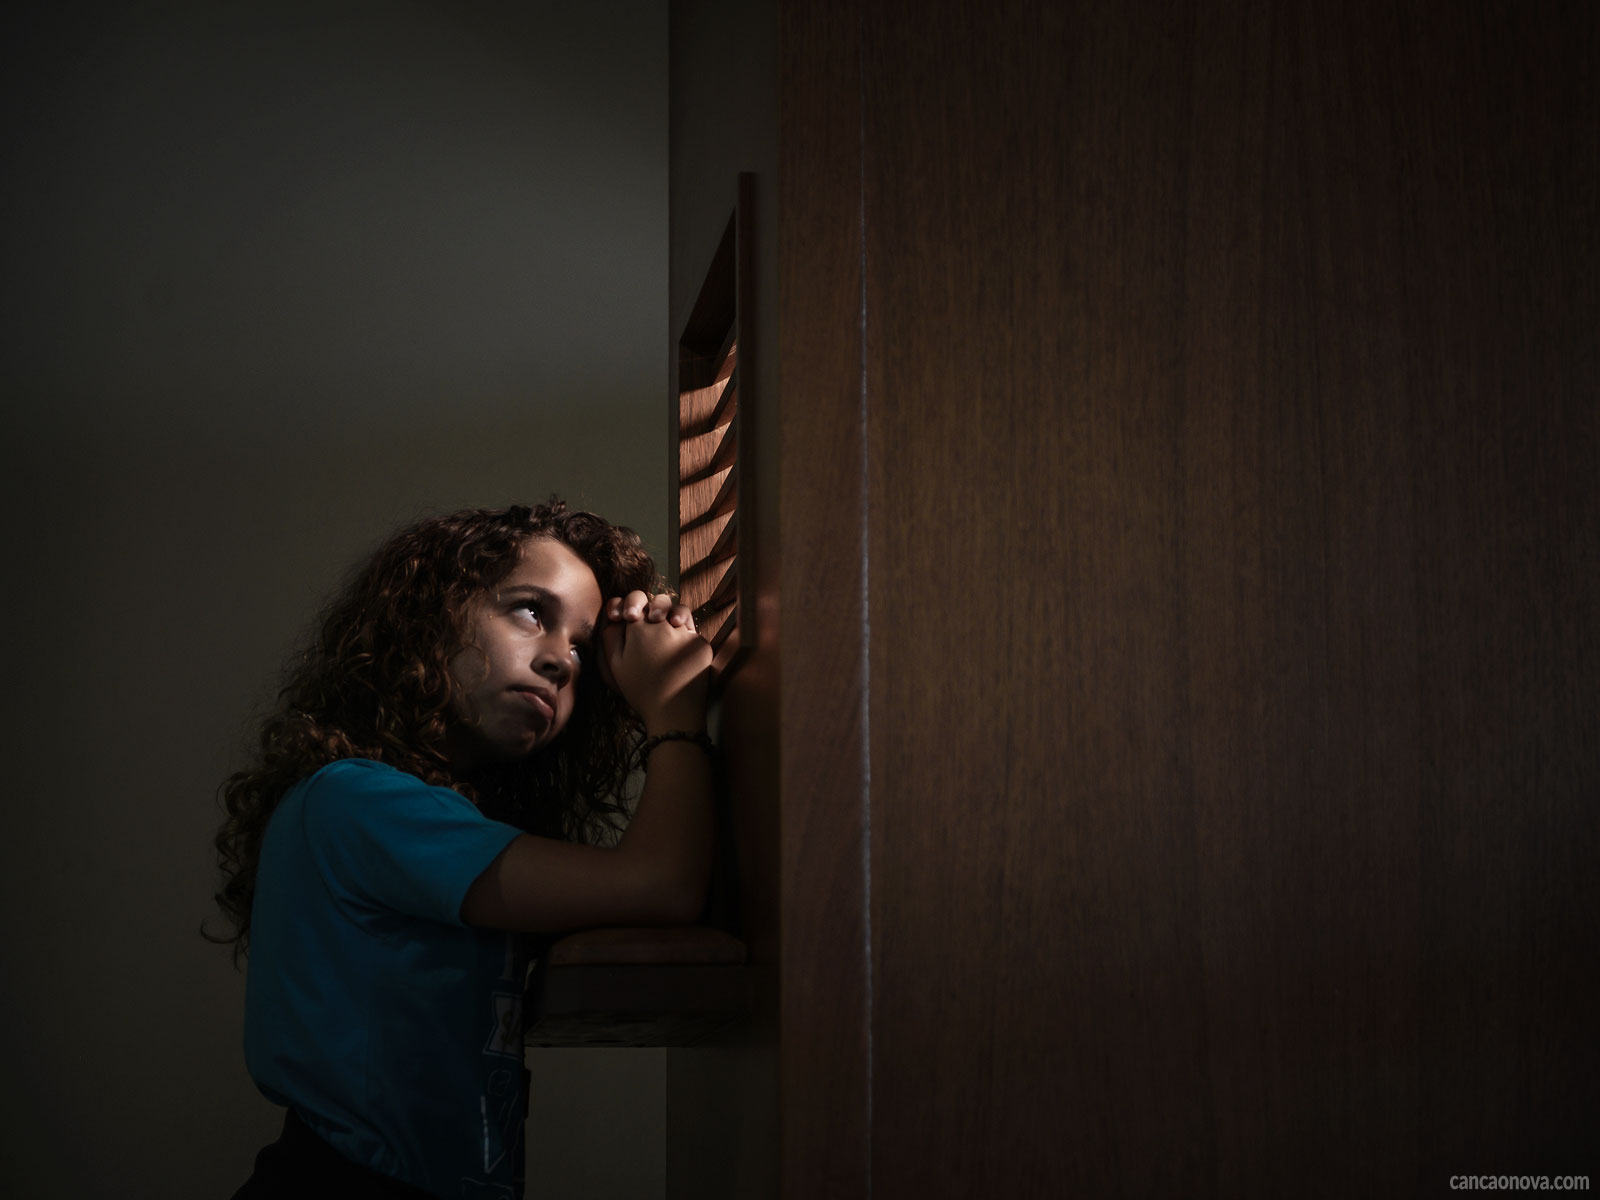 -Como-os-adolescentes-podem-vencer-o-medo-de-se-confessar